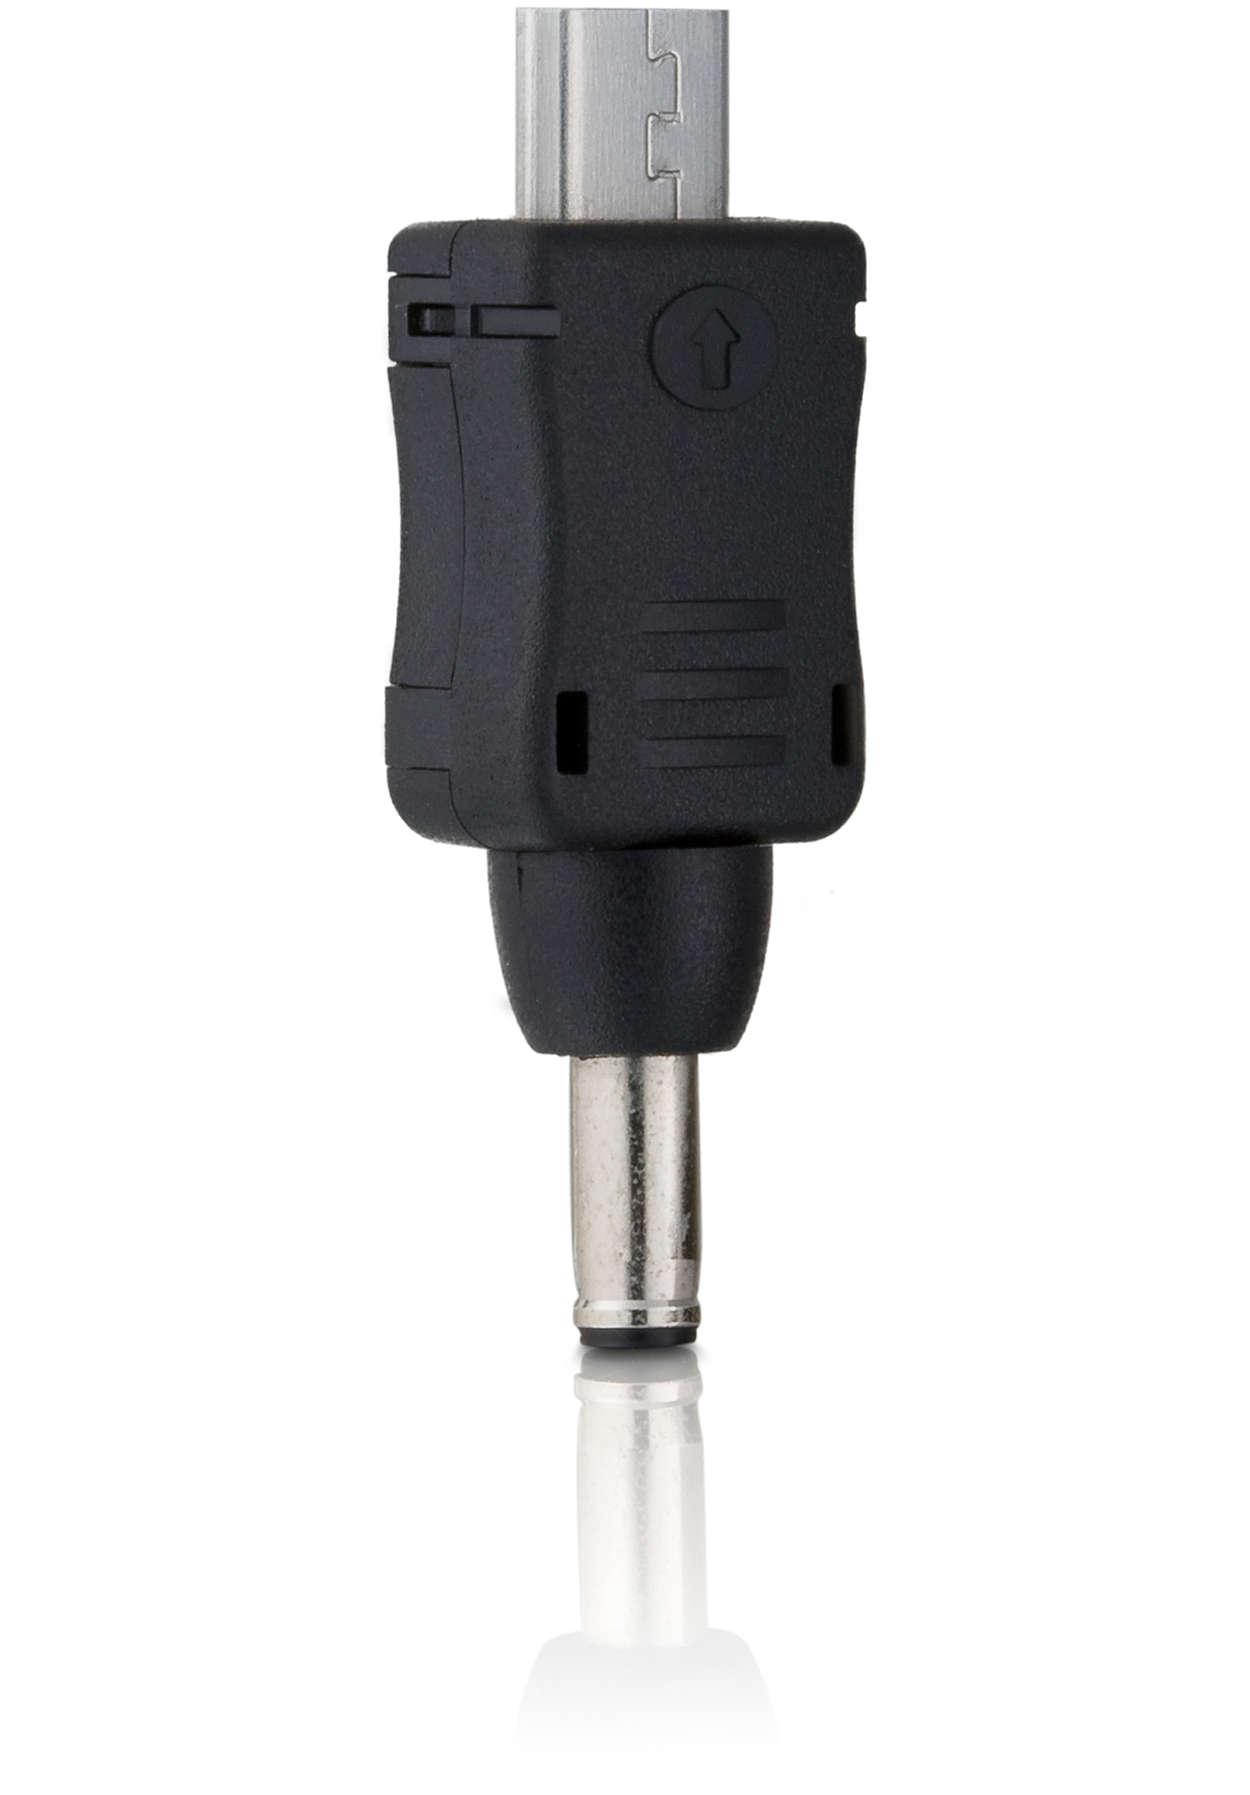 Tilslutningsstik til telefoner med mikro USB-tilslutning